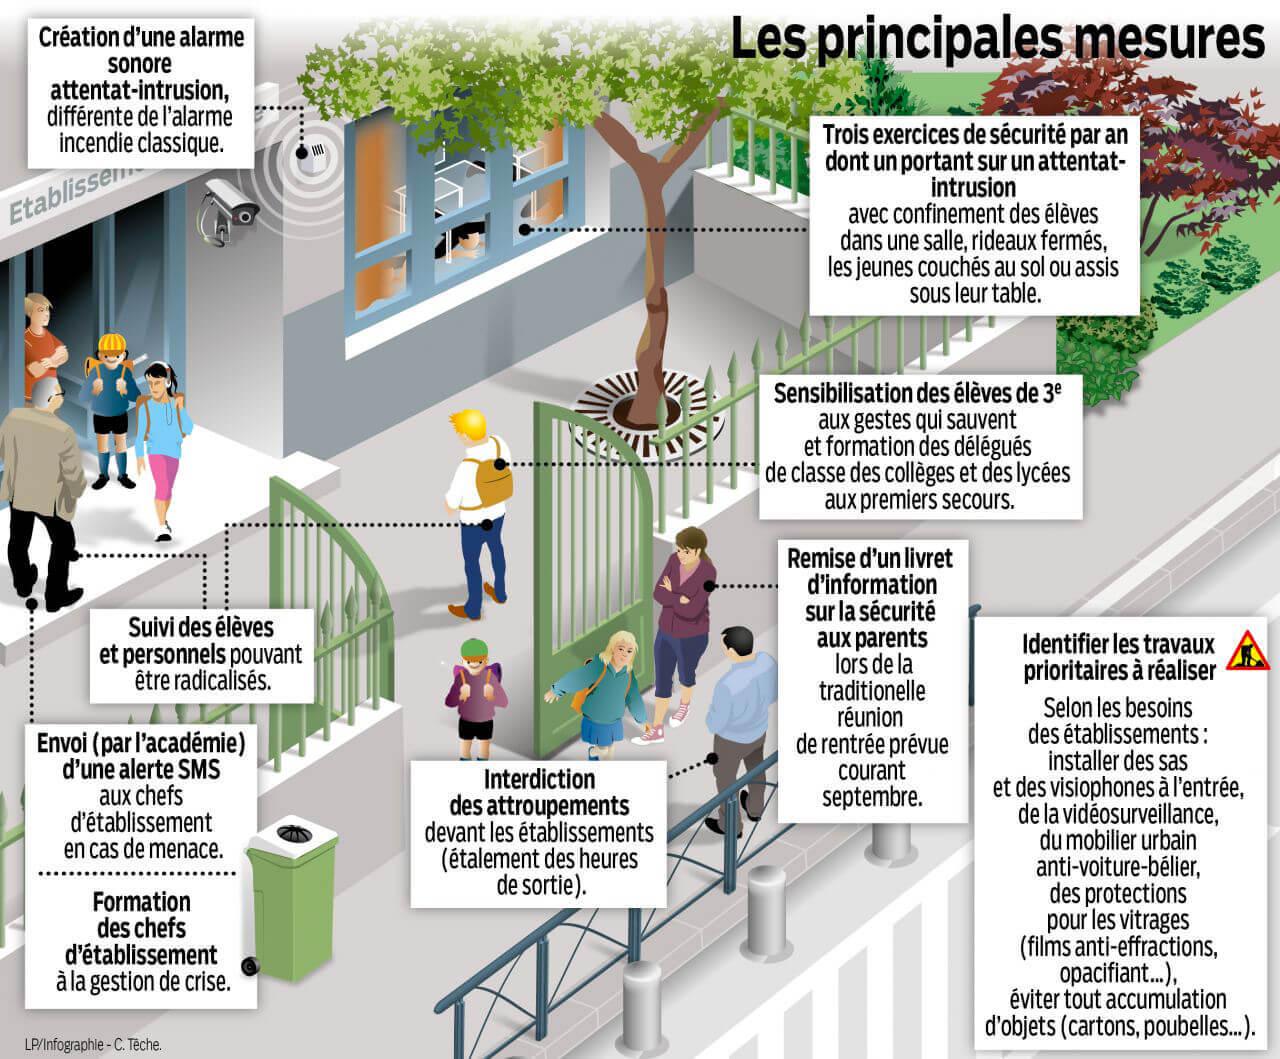 Terrorisme : le plan du gouvernement pour protéger l'école